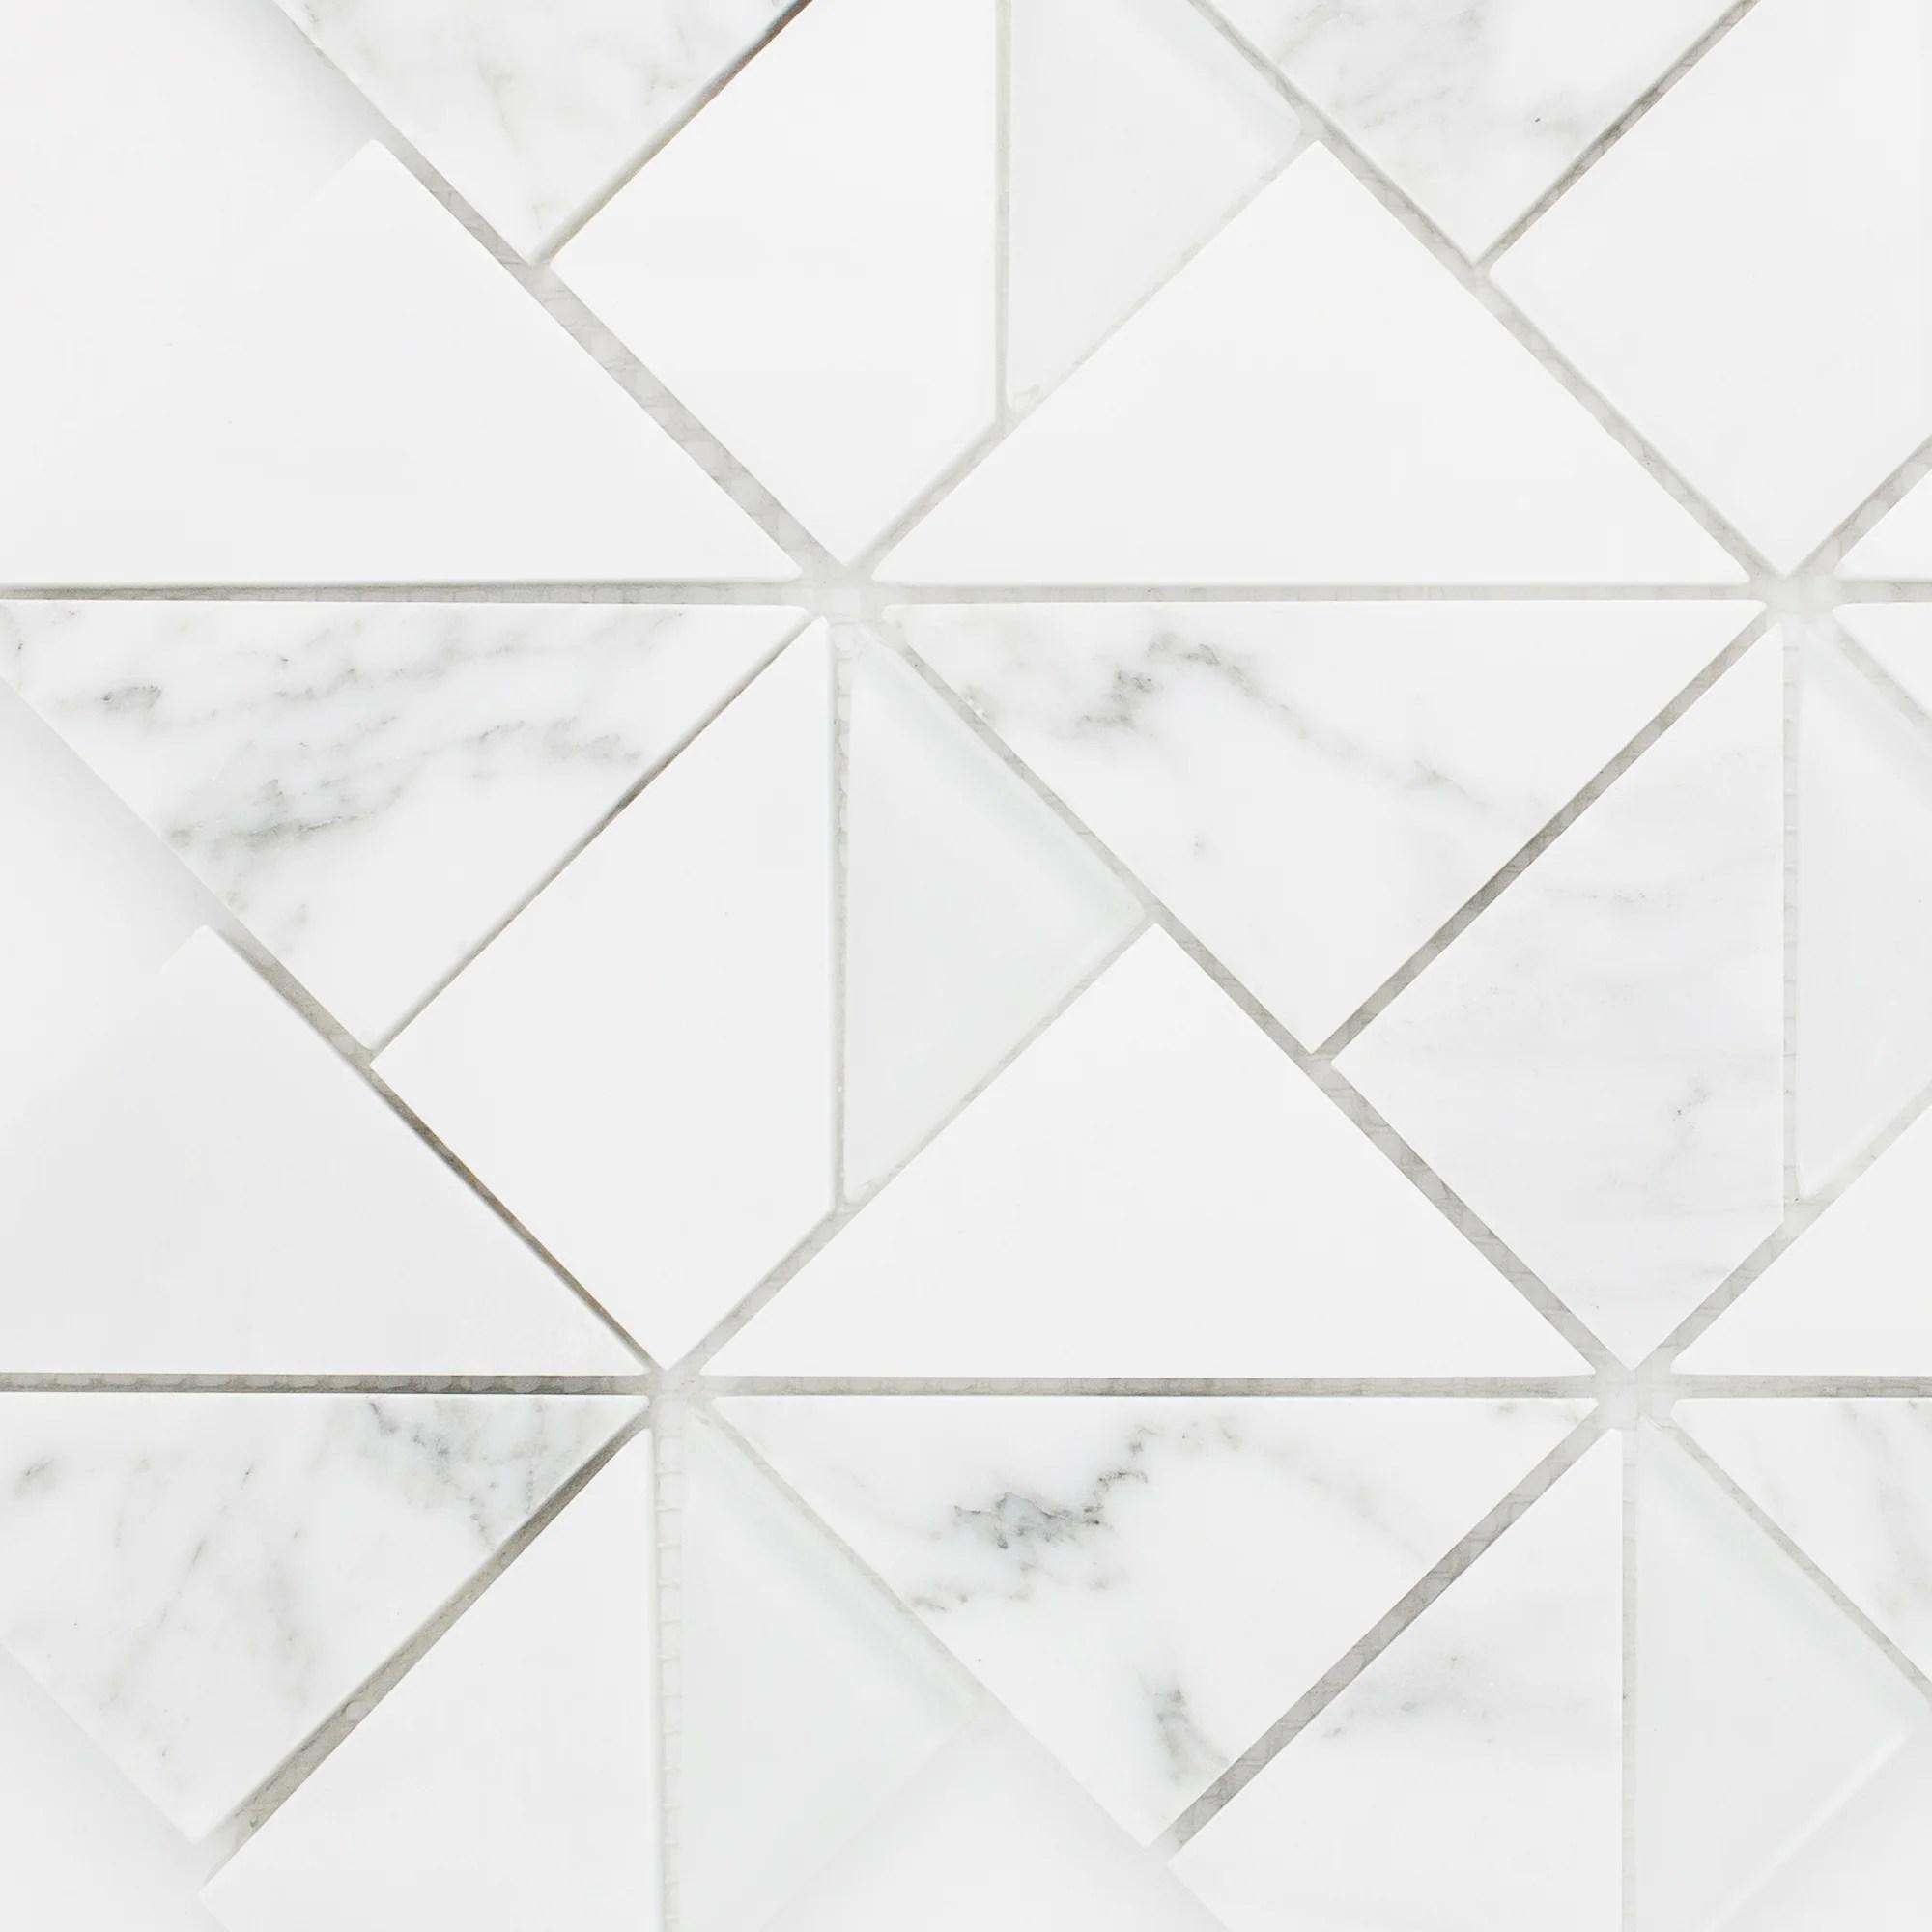 tmopg 01 triangle square white carrara